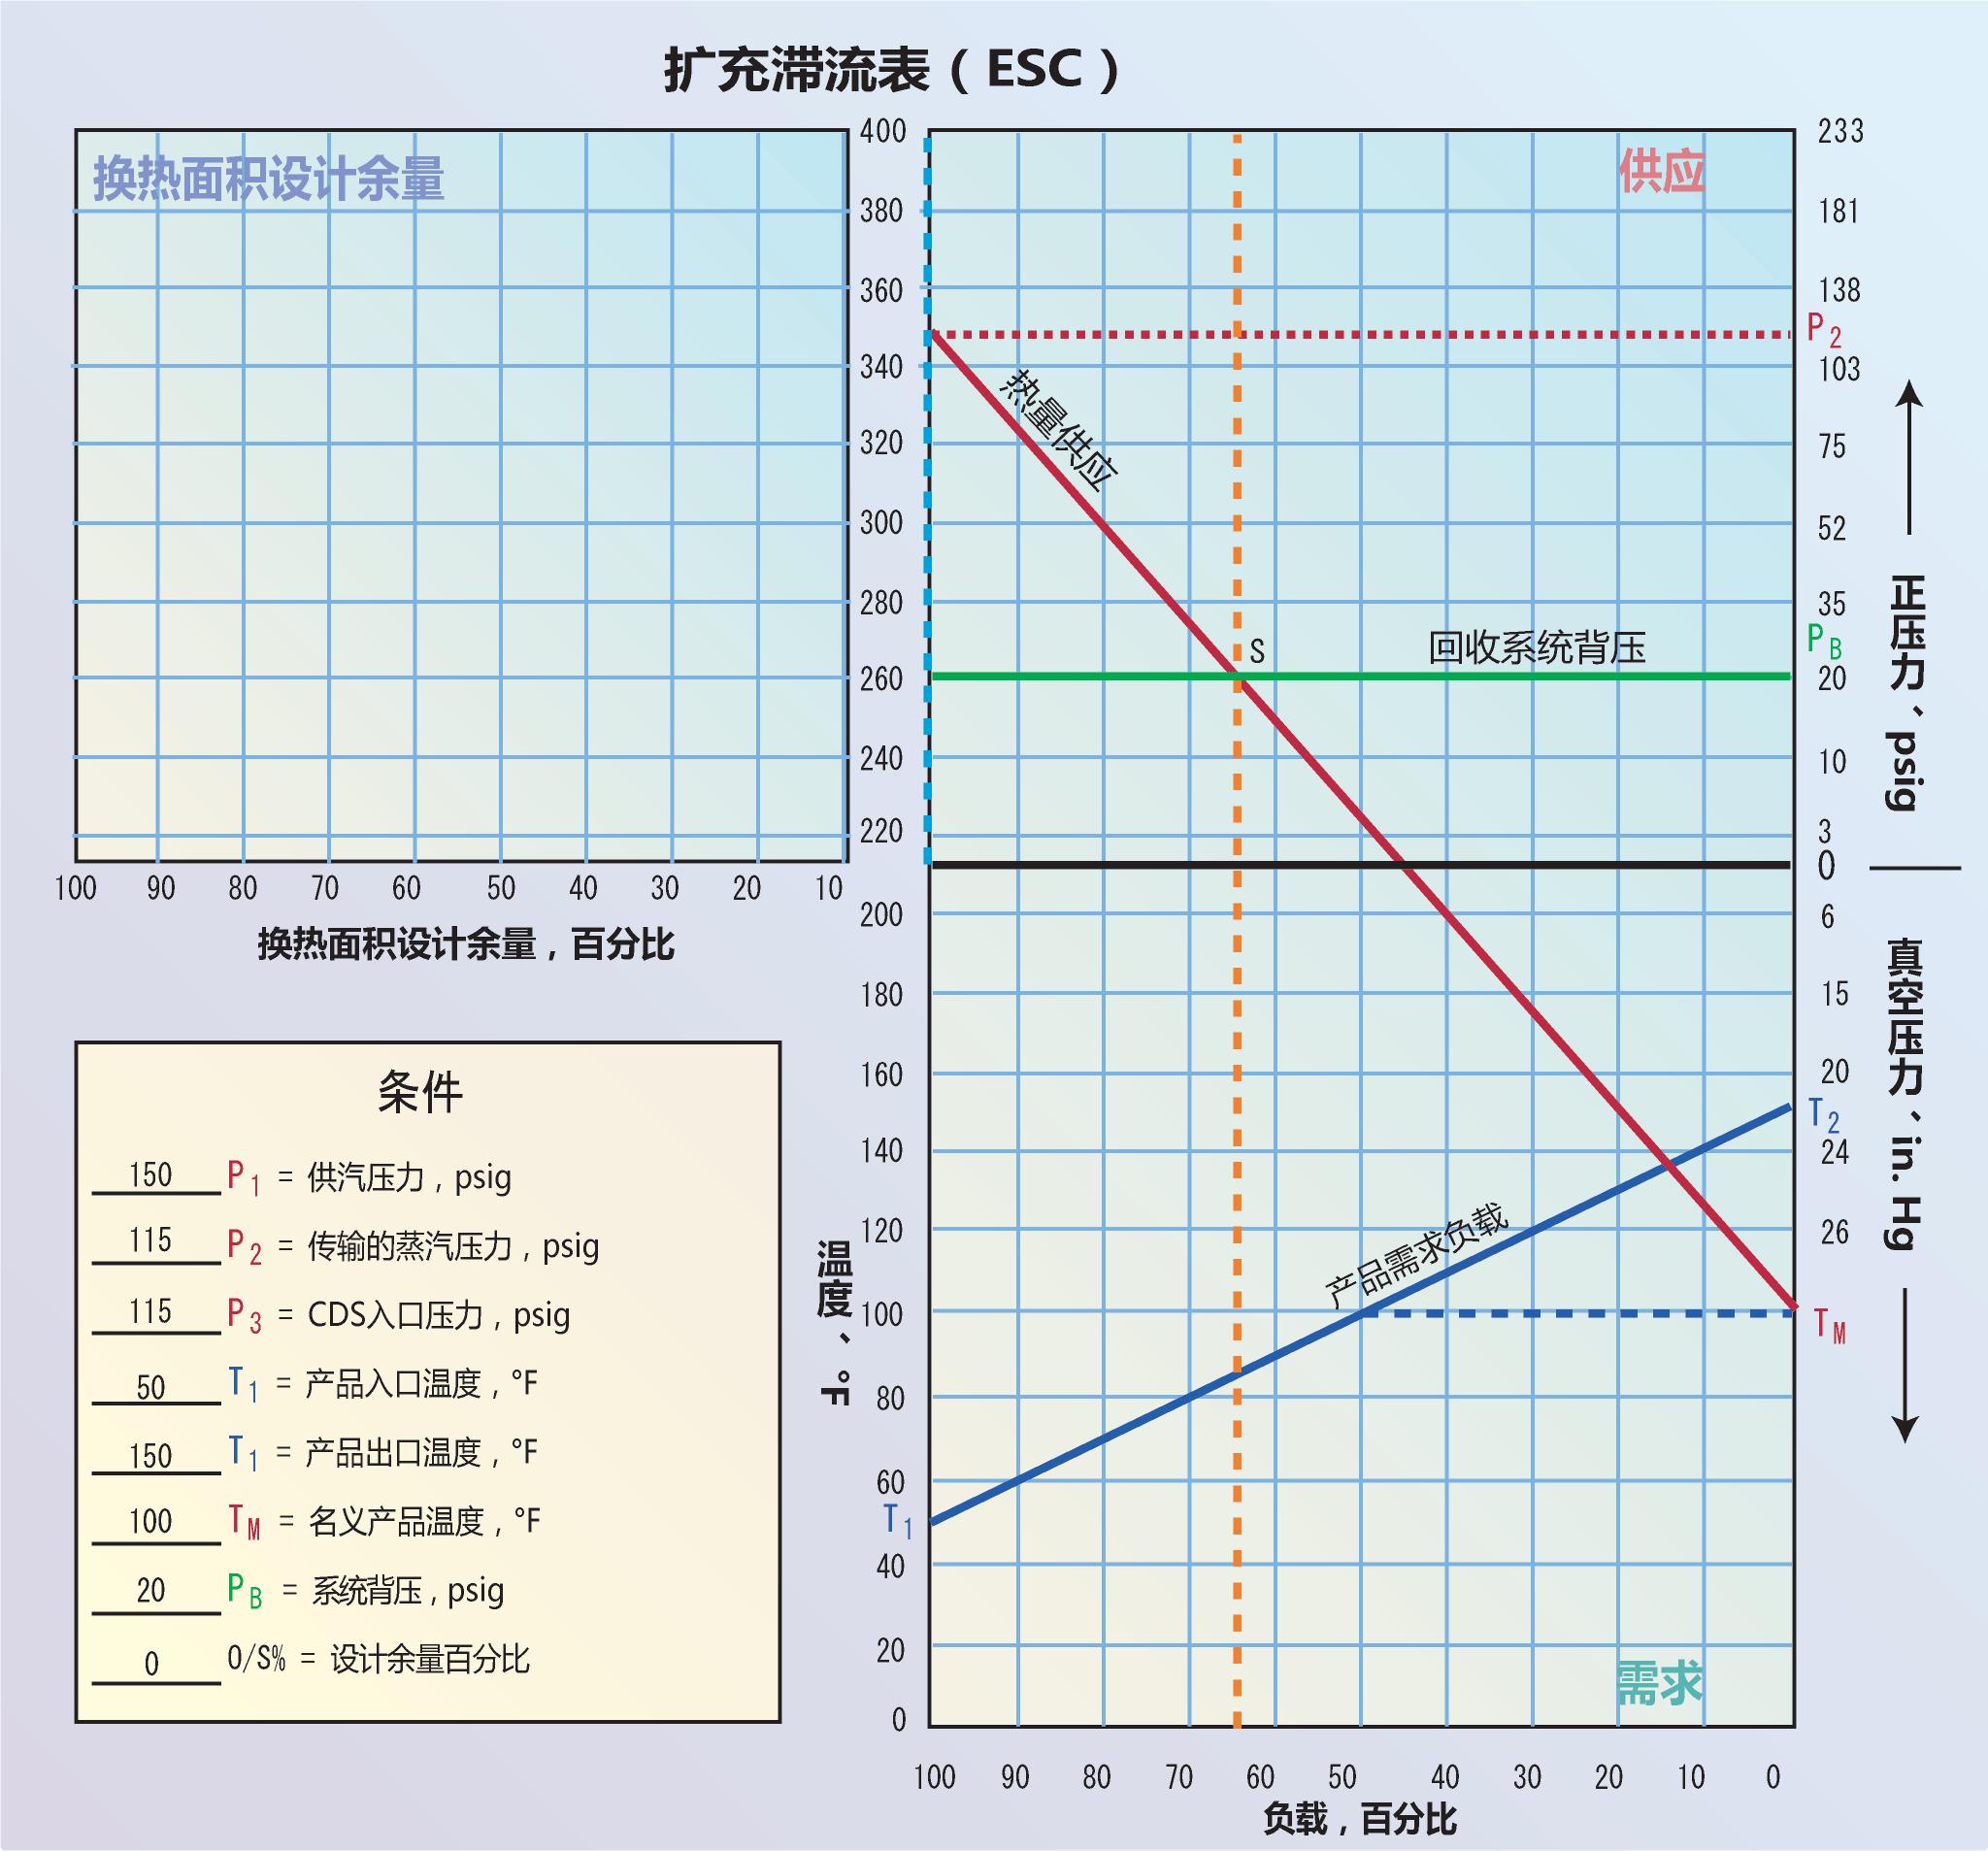 <strong>图3</strong> 扩充滞流表(ESC)是在标准滞流表的左上方额外增加一个等比例象限,标注设计余量百分比。新的象限起始于背压线PB,如图所示;换热面积满足100%加热需求时,设计余量为0,图中供应象限区左侧垂直轴线的蓝色虚线表示。